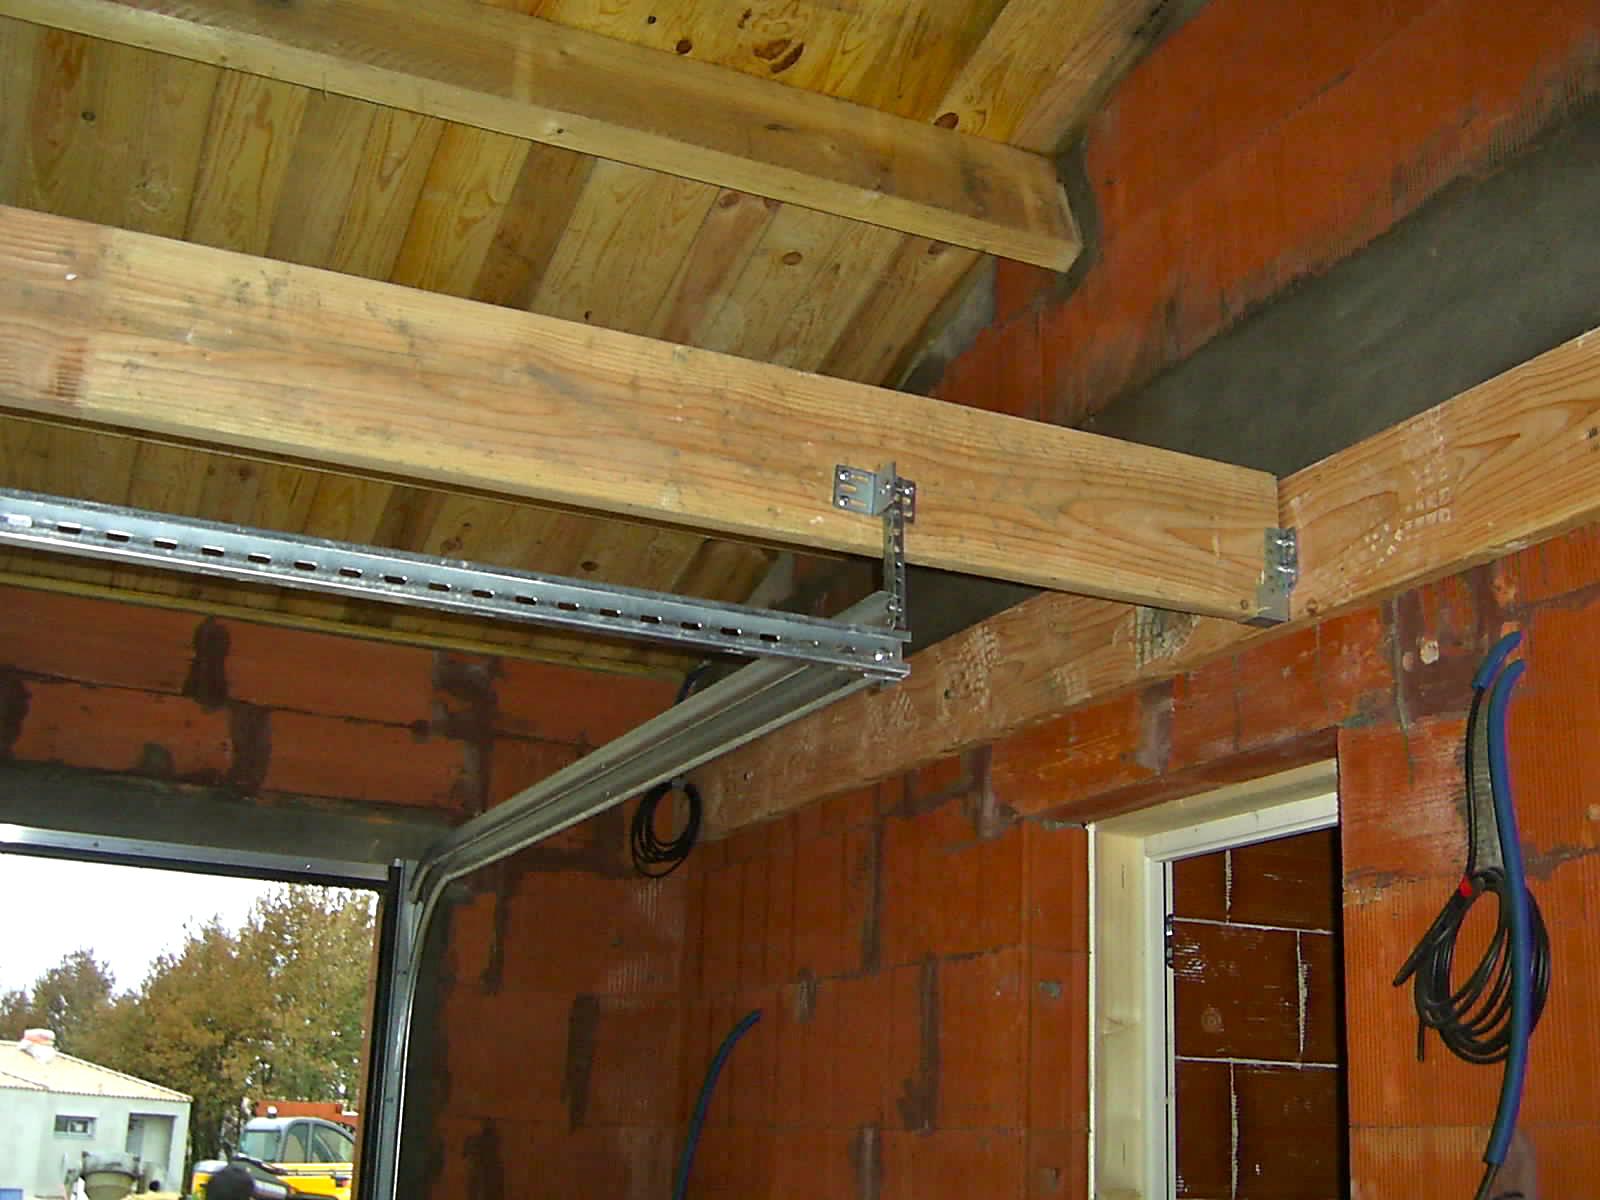 Porte de garage sectionnelle motoris e vendome automobile garage si ge auto - Plan de montage porte de garage sectionnelle ...